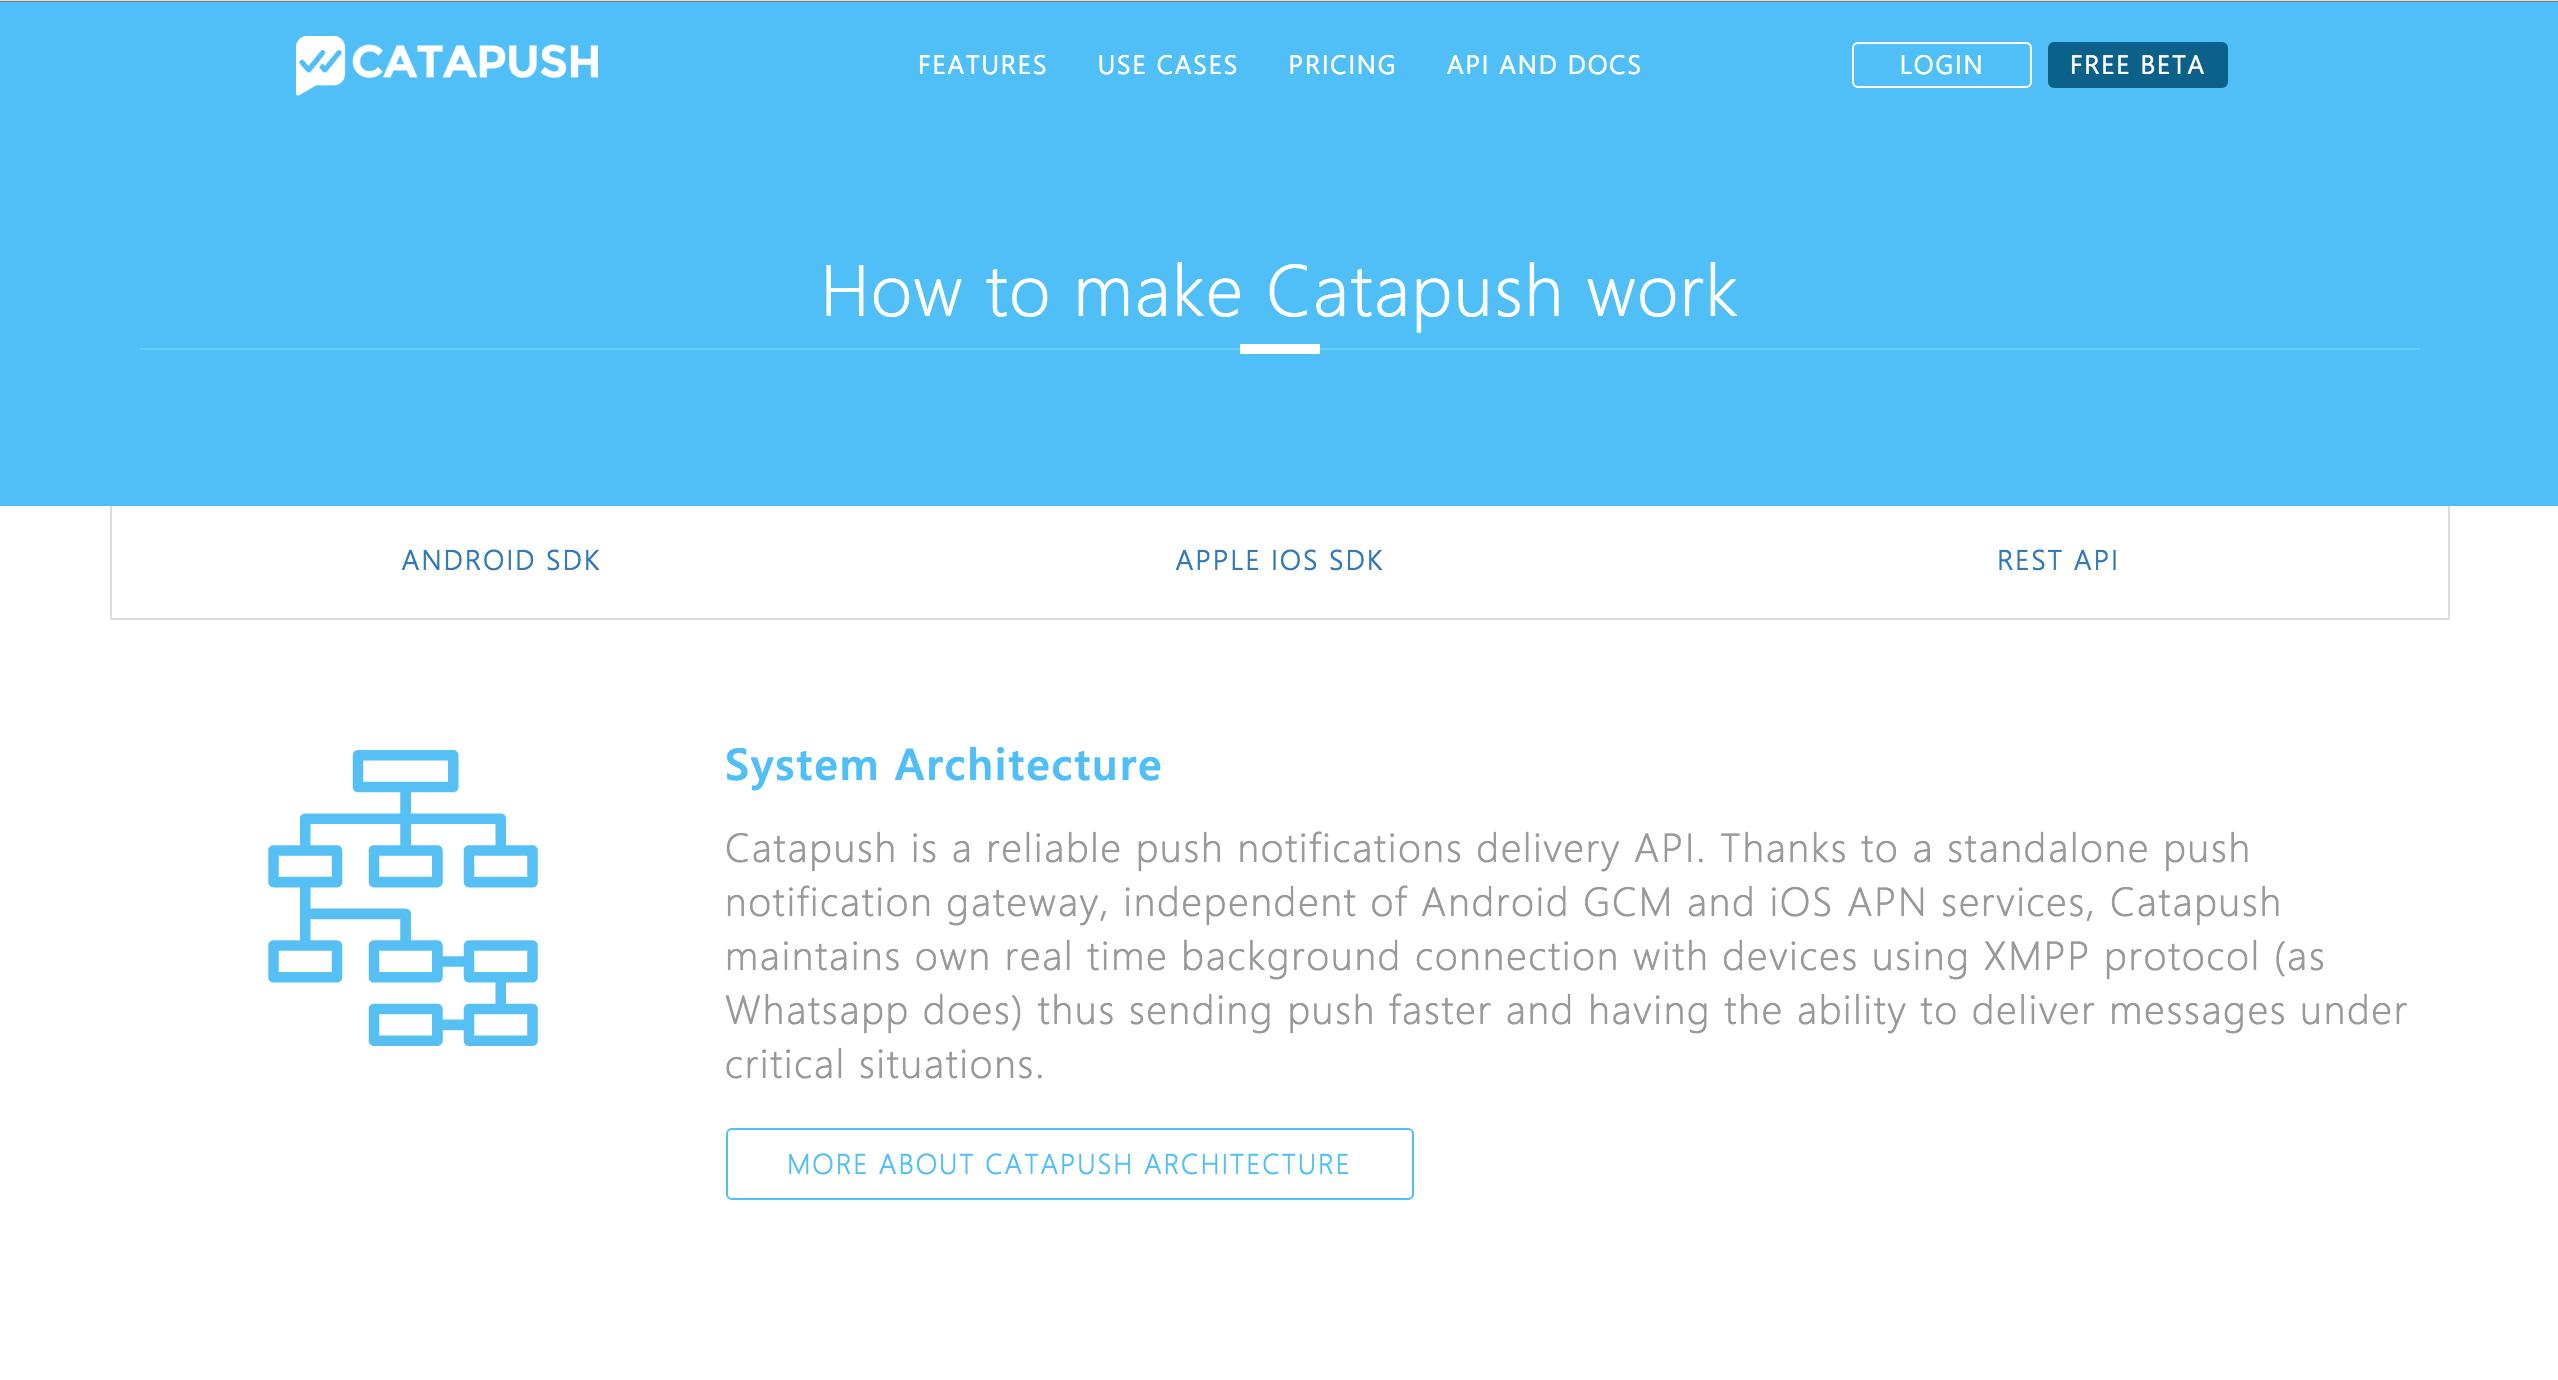 Catapush_Subnavigation.png